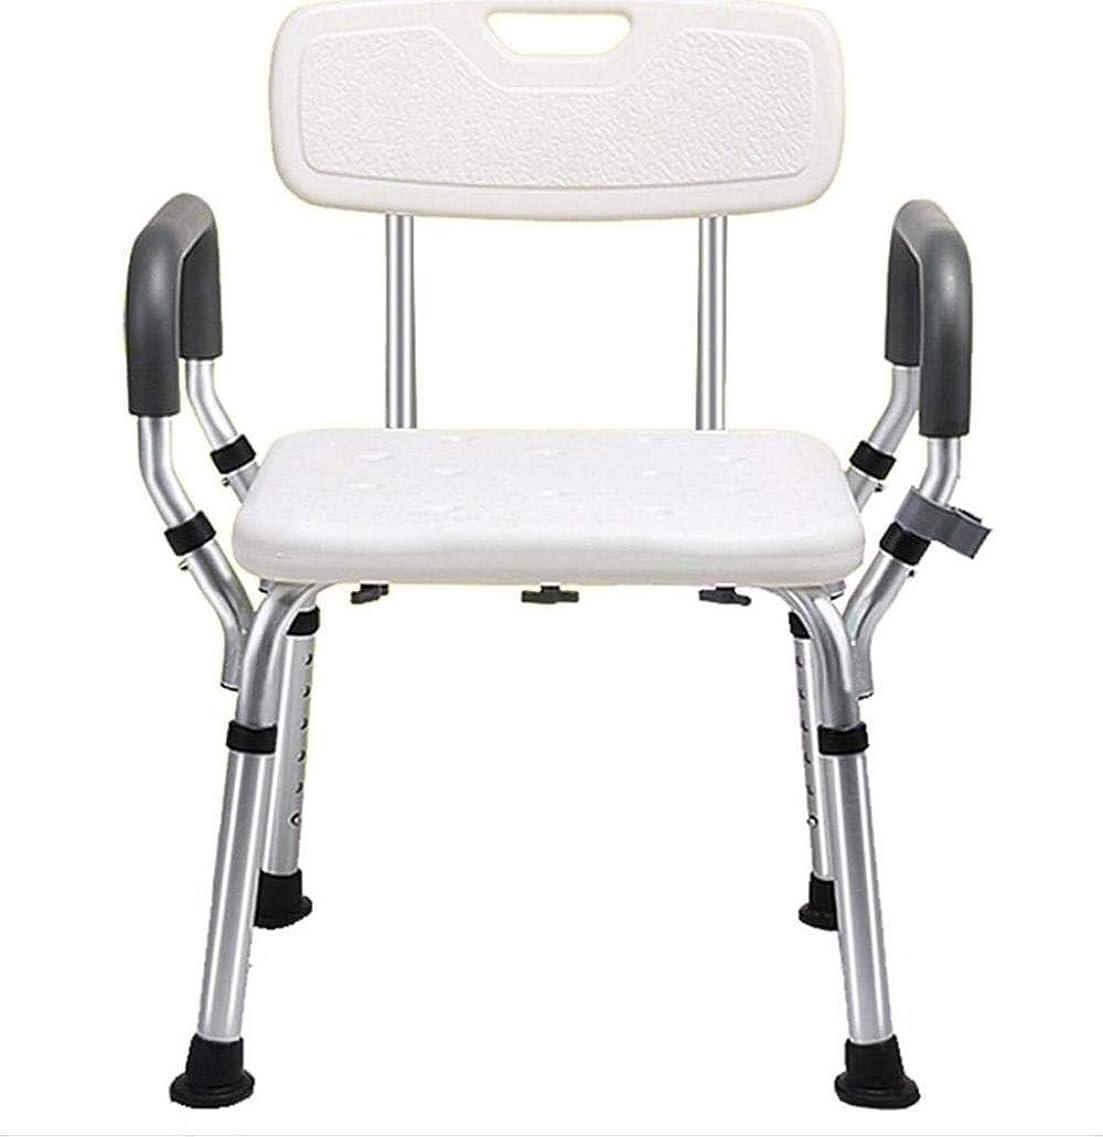 感染する複合無謀背もたれ付きシャワーチェア-障害者用の肘掛け付きバスタブベンチ、高齢者用滑り止め浴槽安全スツール